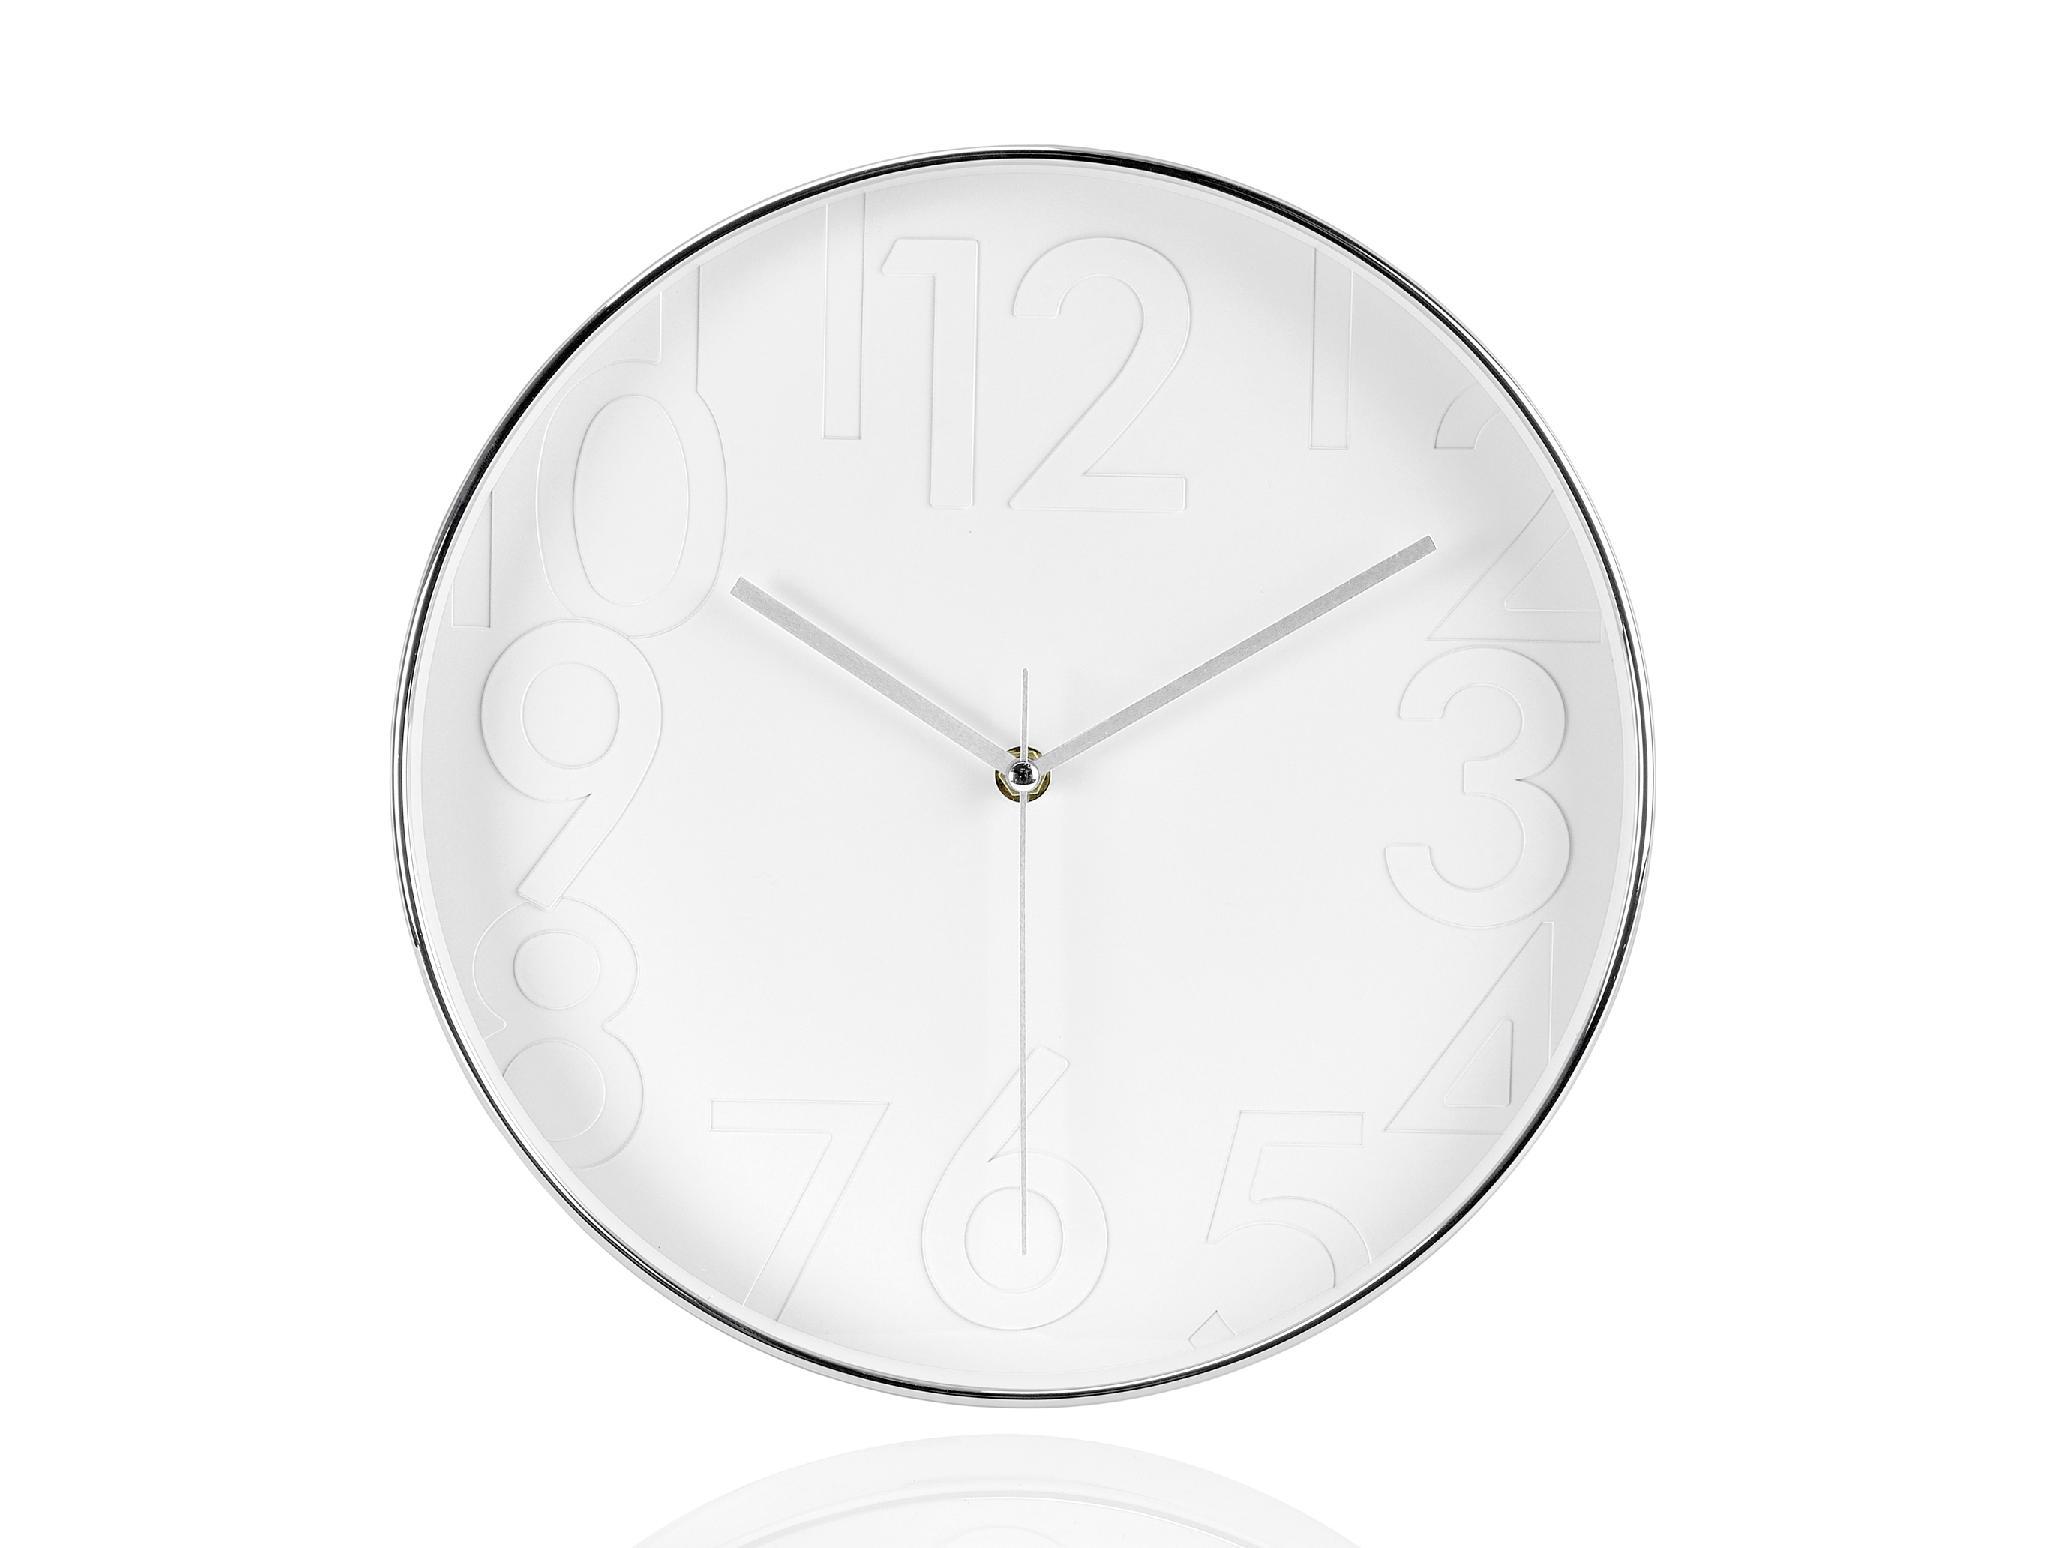 Reloj de Pared 55cm KLEVE | Ricardo & Vaz